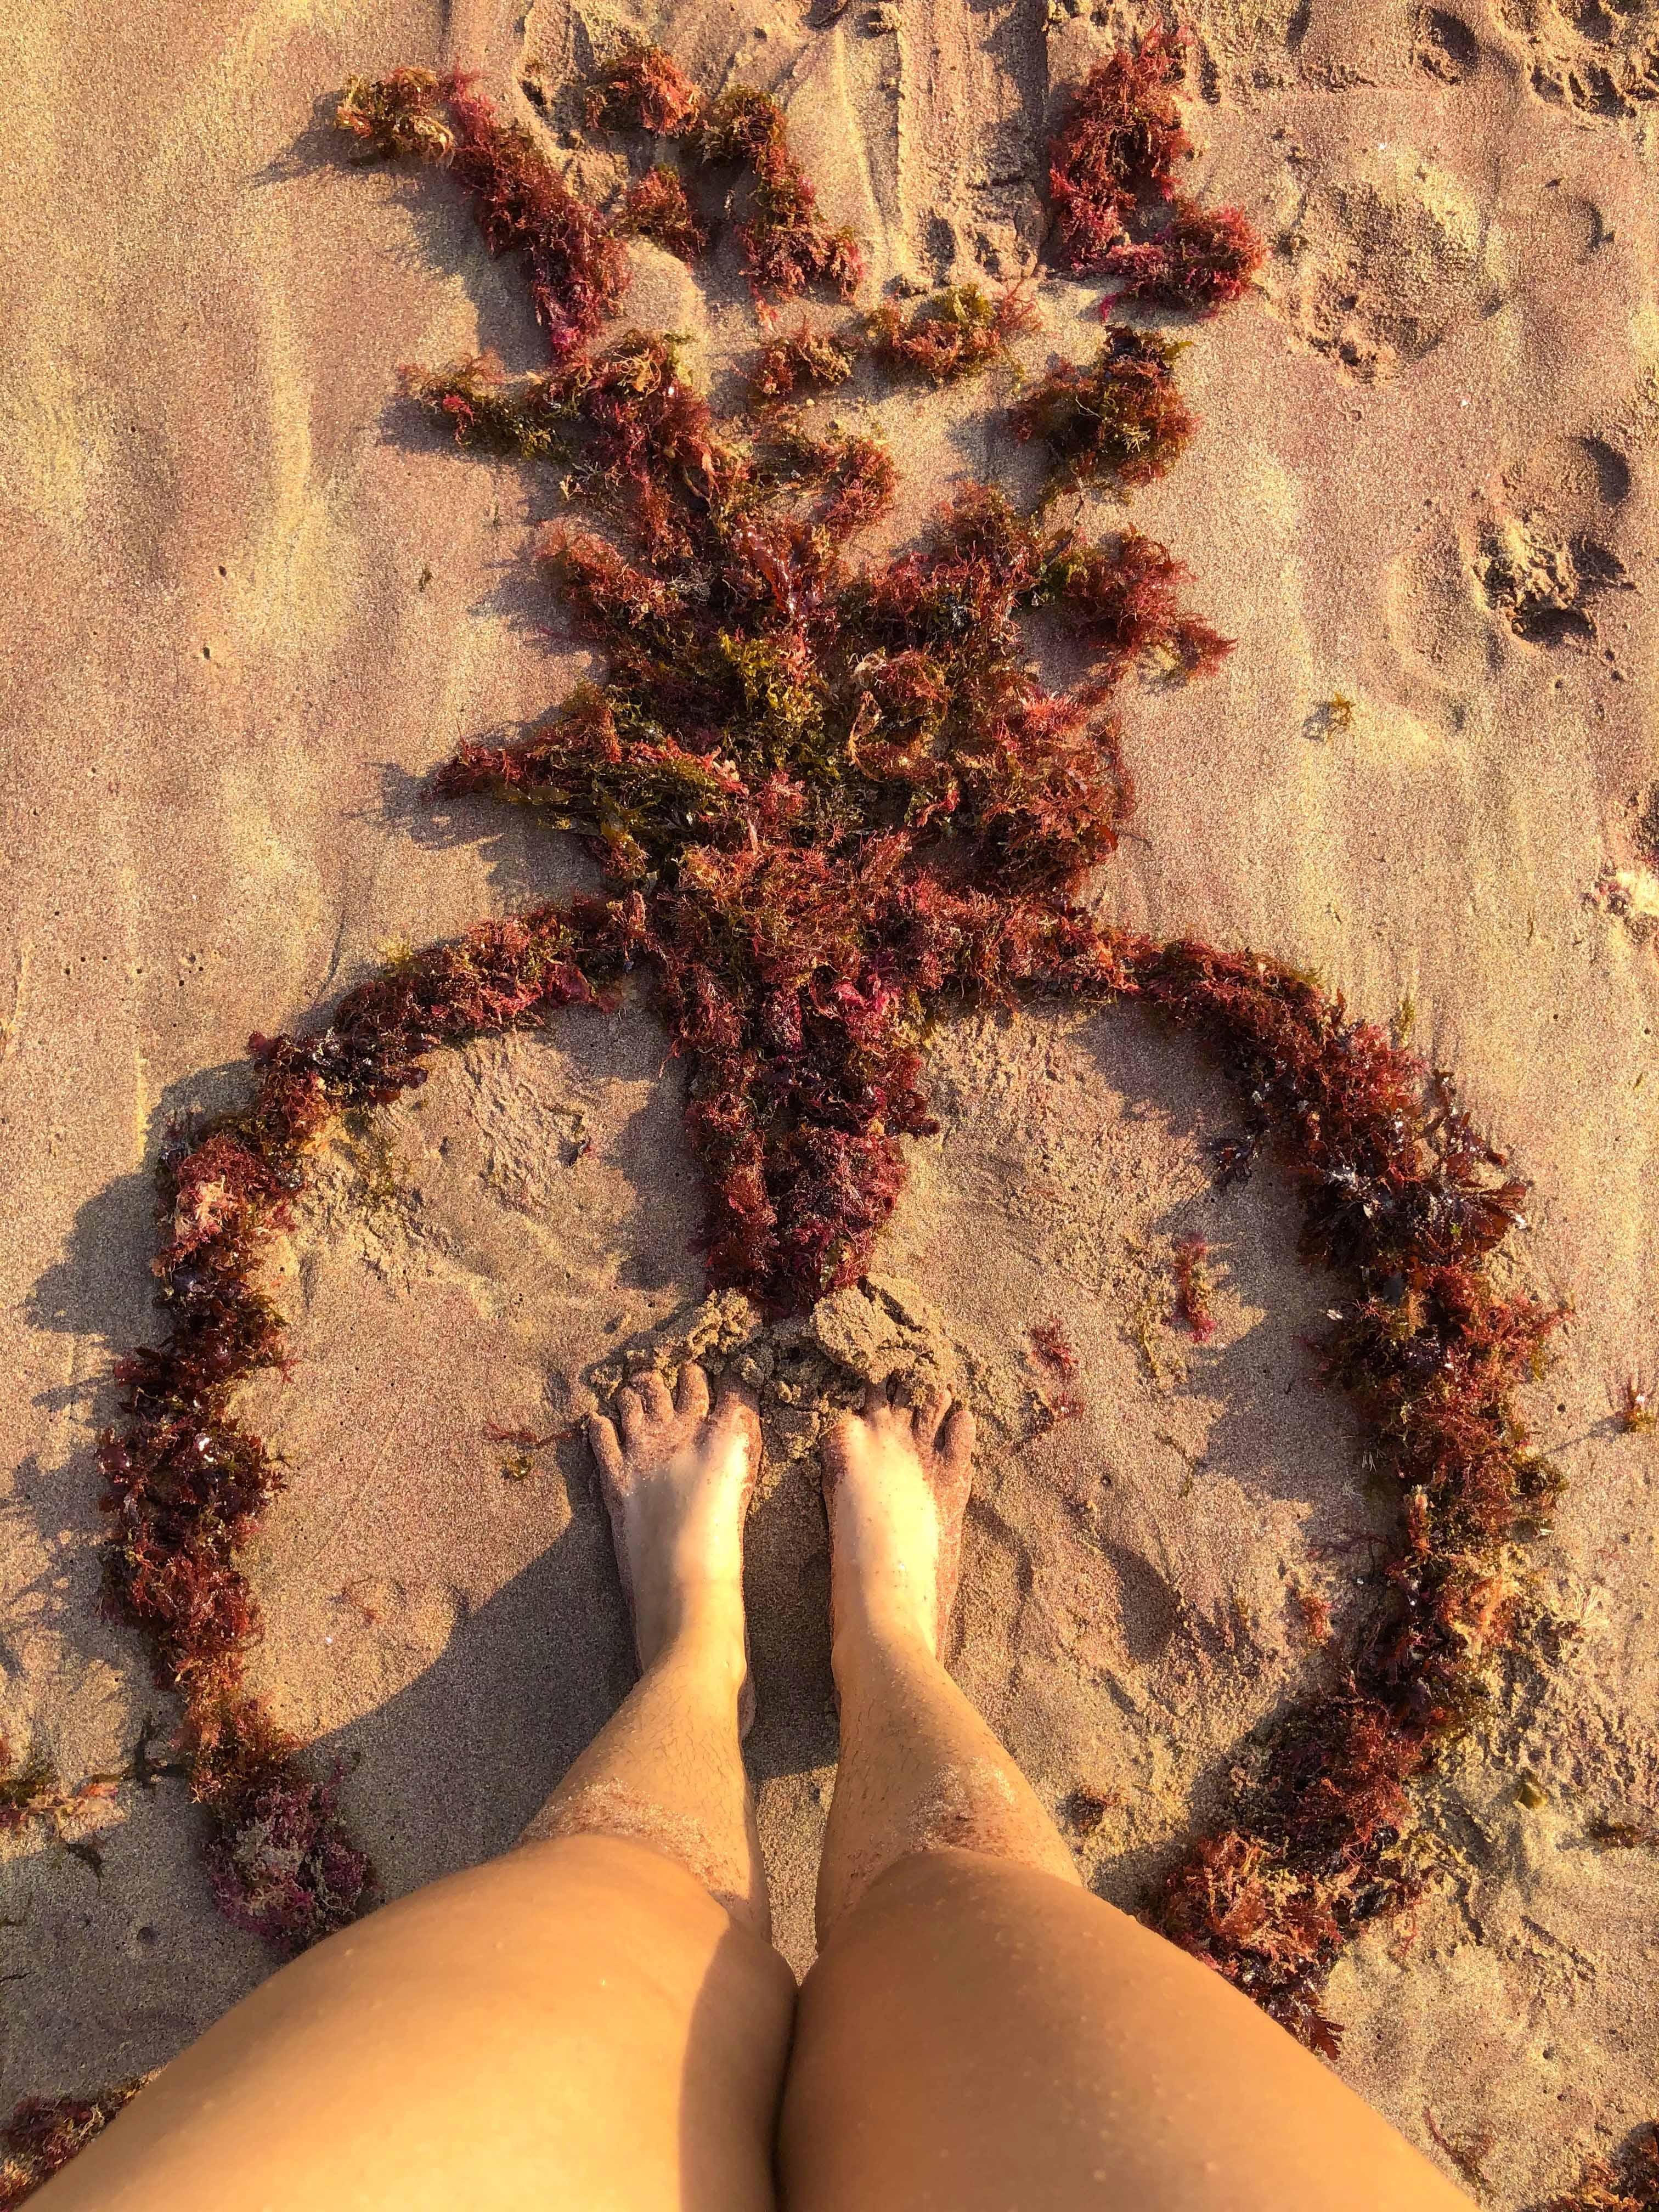 pernas de mulher na areia da praia, cercada por algas vermelhas